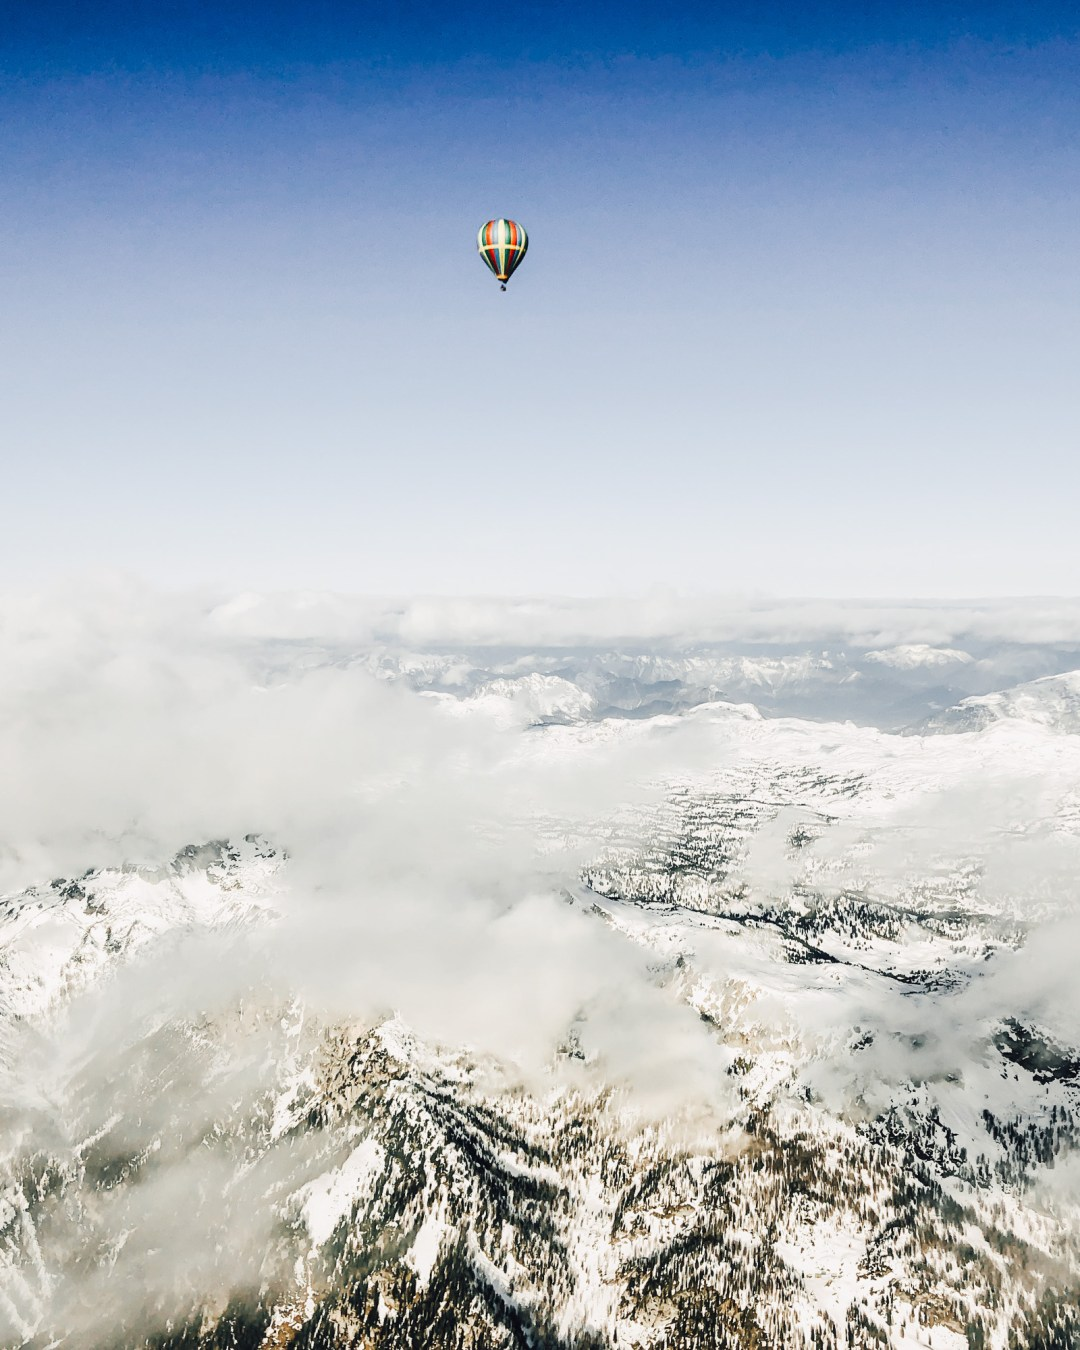 Inastil, Ballonfahrt, Lifestyle, Winter, Austria, Landschaft, Abenteuer, Ü50Blogger, Lifestyleblogger, Österreich,-16